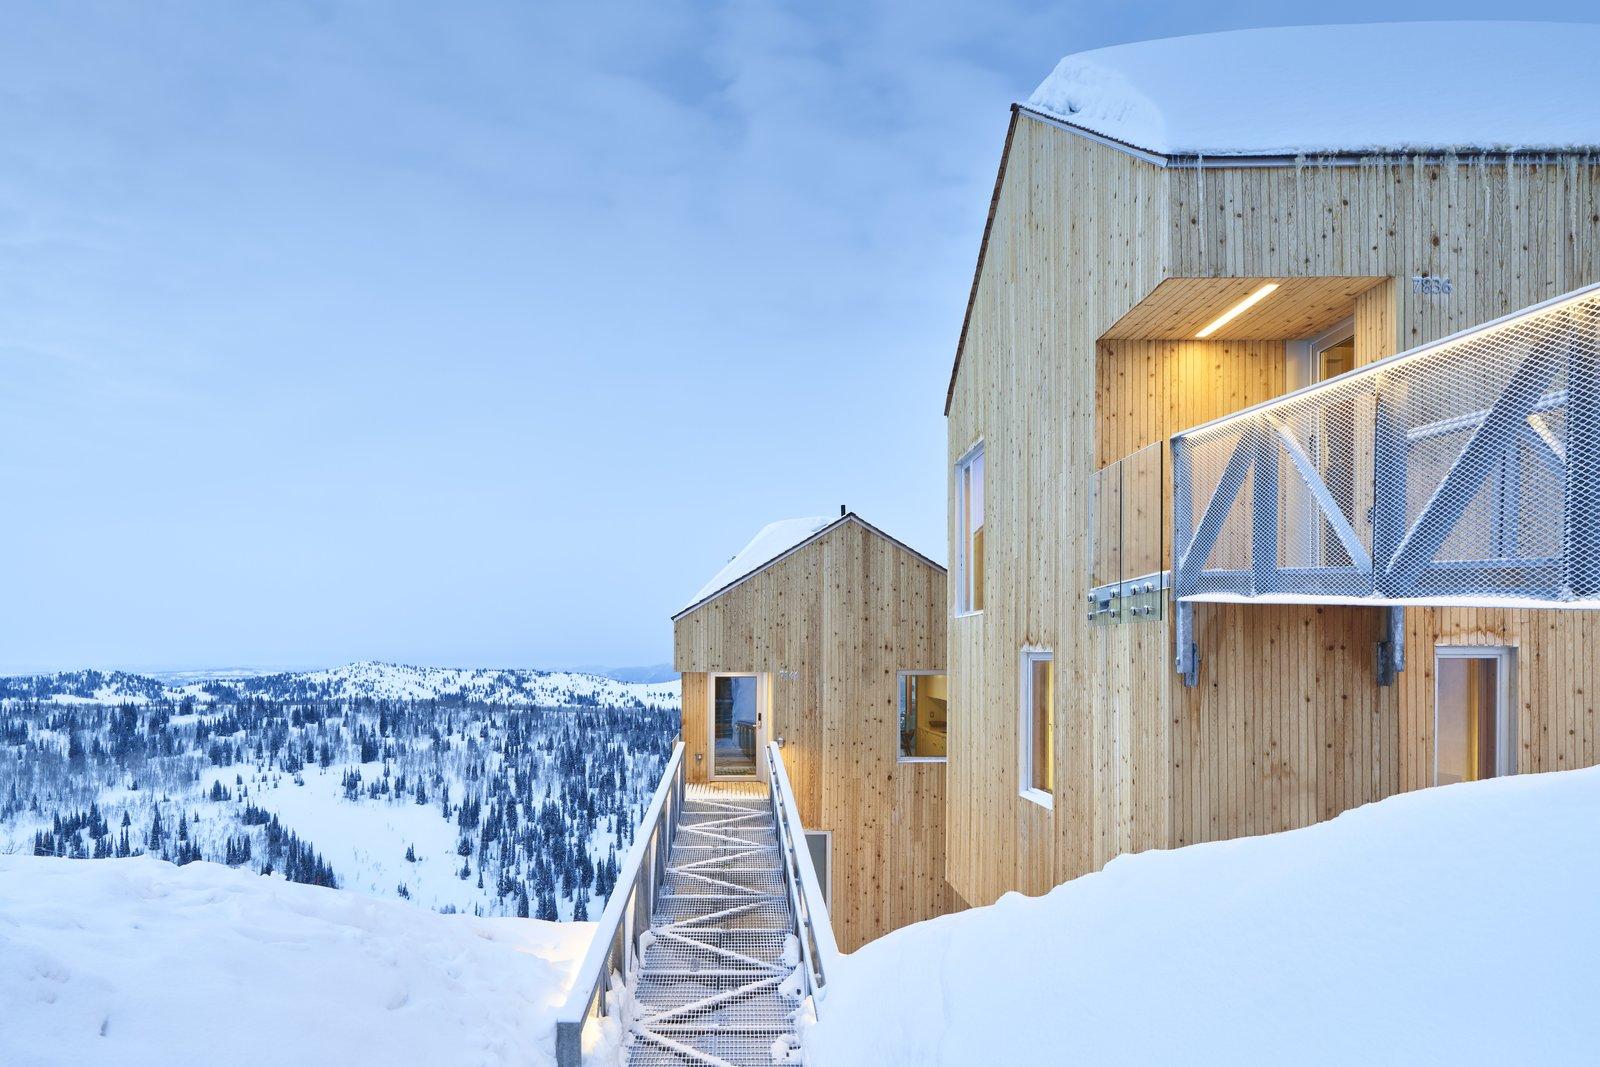 Horizon Neighborhood cabin with steel bridge